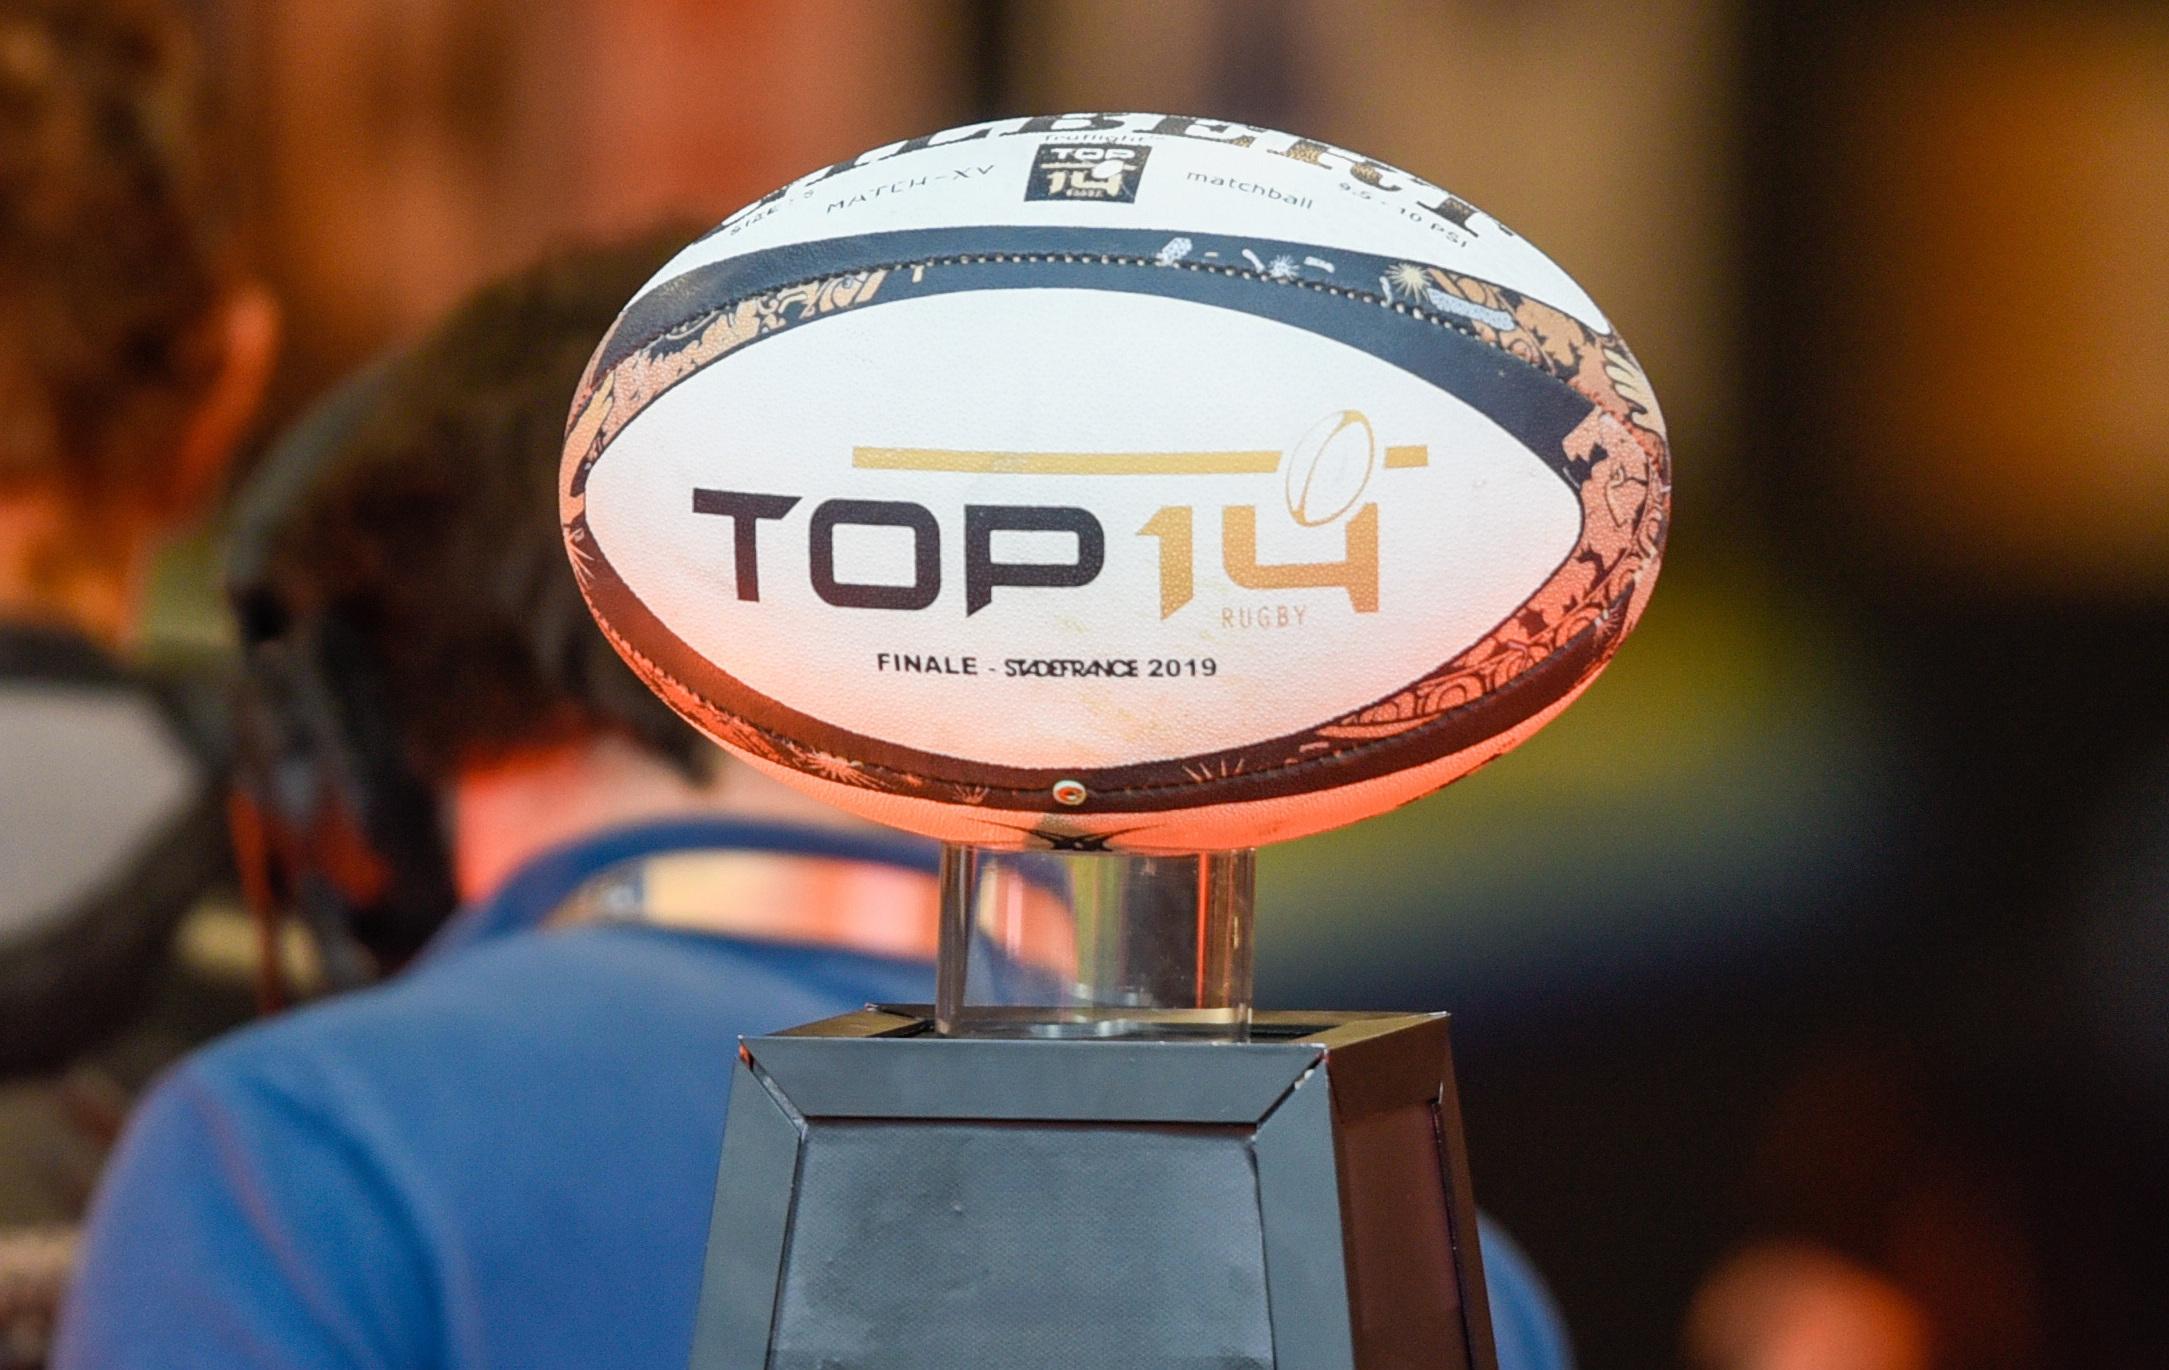 Rugby - Top 14 - Quelle fin de saison en Top 14 et en Pro D2 ? La Ligue décidera à la fin du mois d'avril